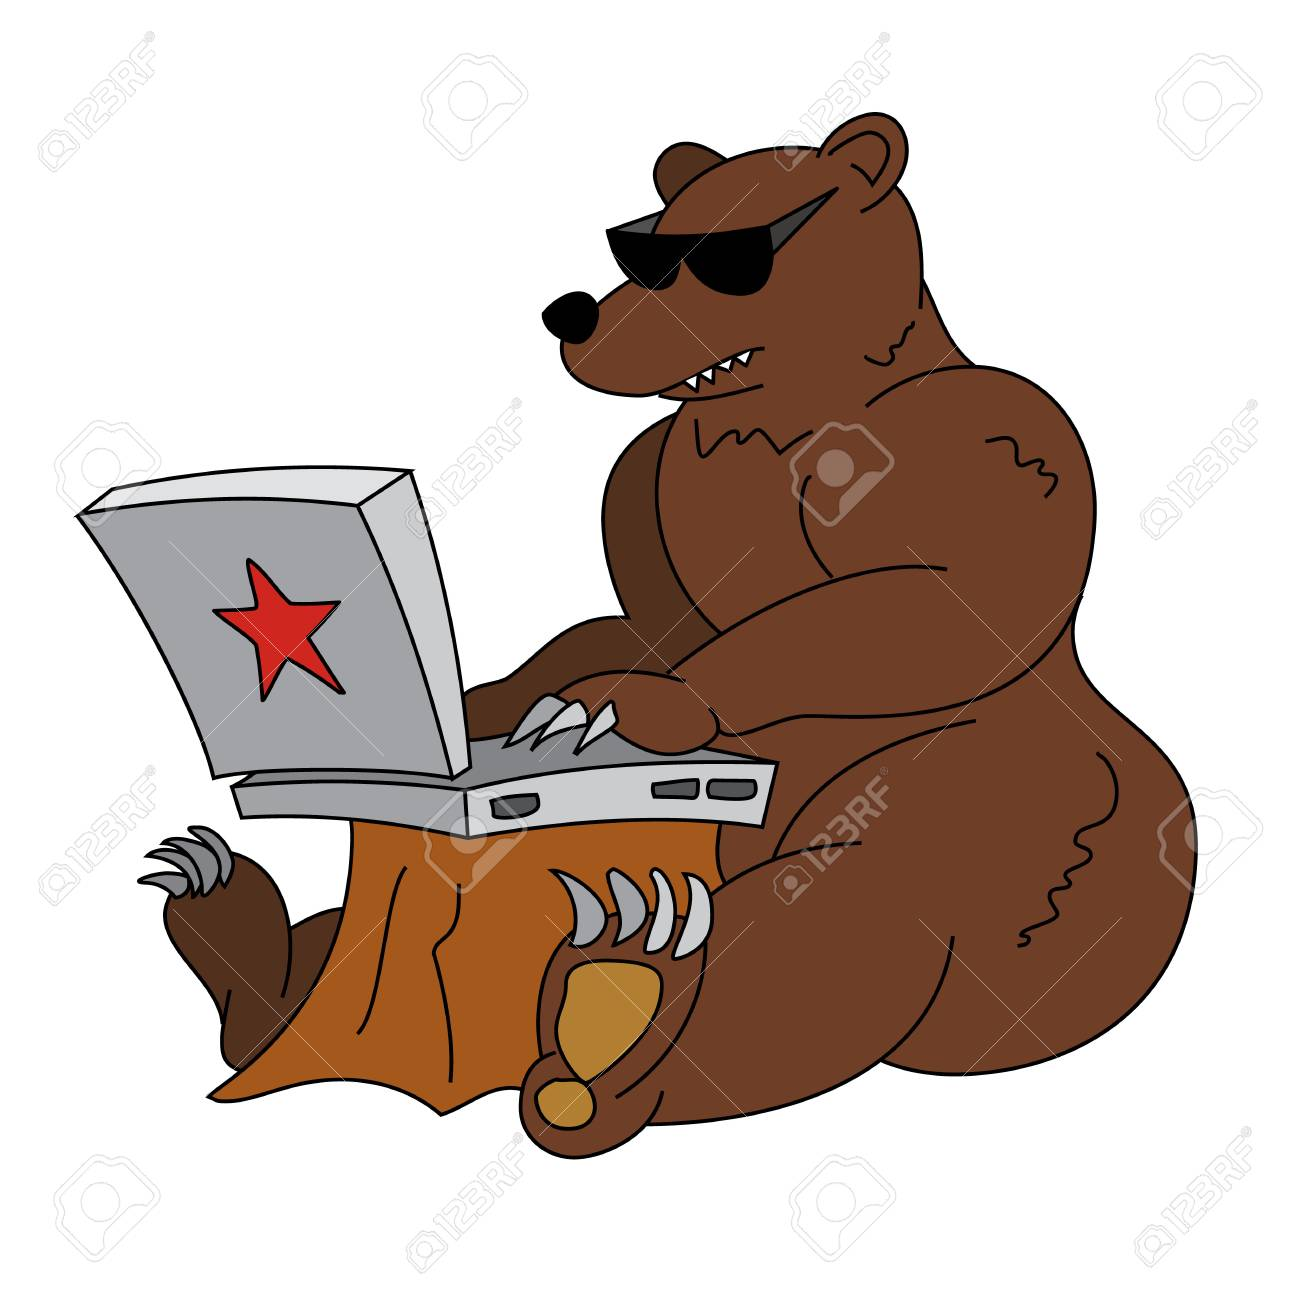 Ejemplo Chistoso Del Pirata Informático Ruso Oso Marrón Enojado